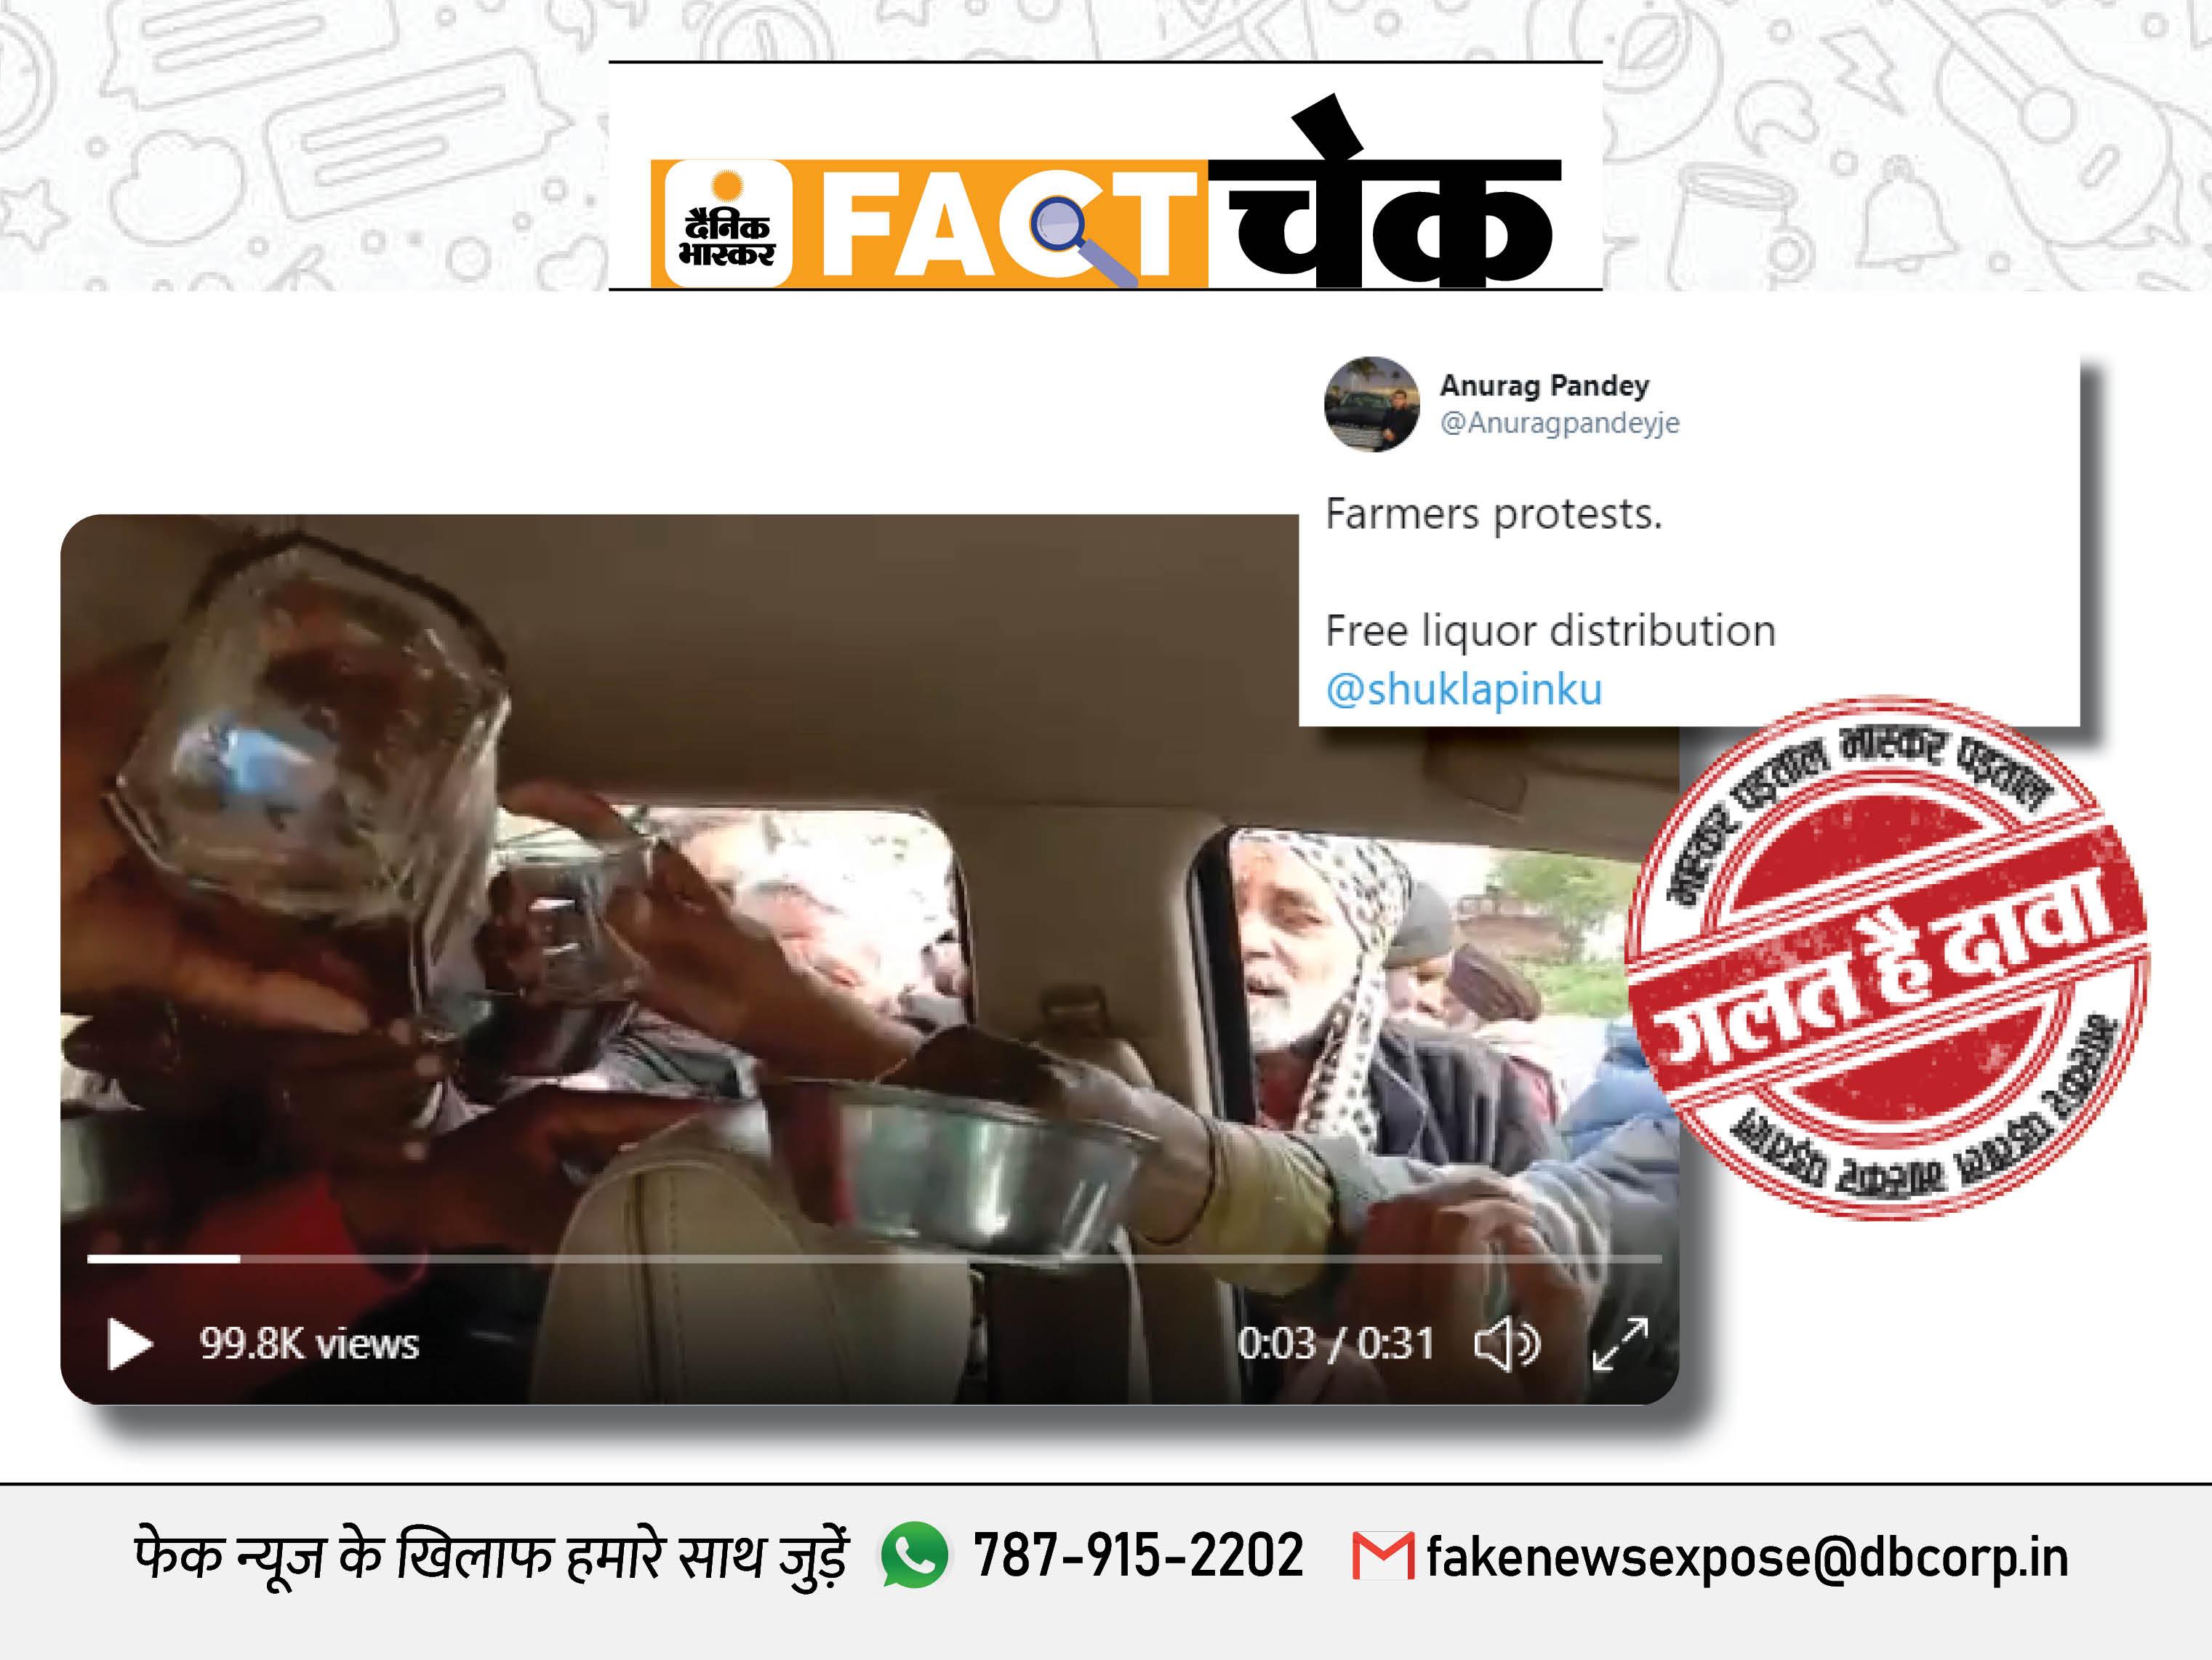 किसान आंदोलनकारियों को मुफ्त बांटी जा रही शराब, जानिए इस वायरल वीडियो की सच्चाई फेक न्यूज़ एक्सपोज़,Fake News Expose - Dainik Bhaskar